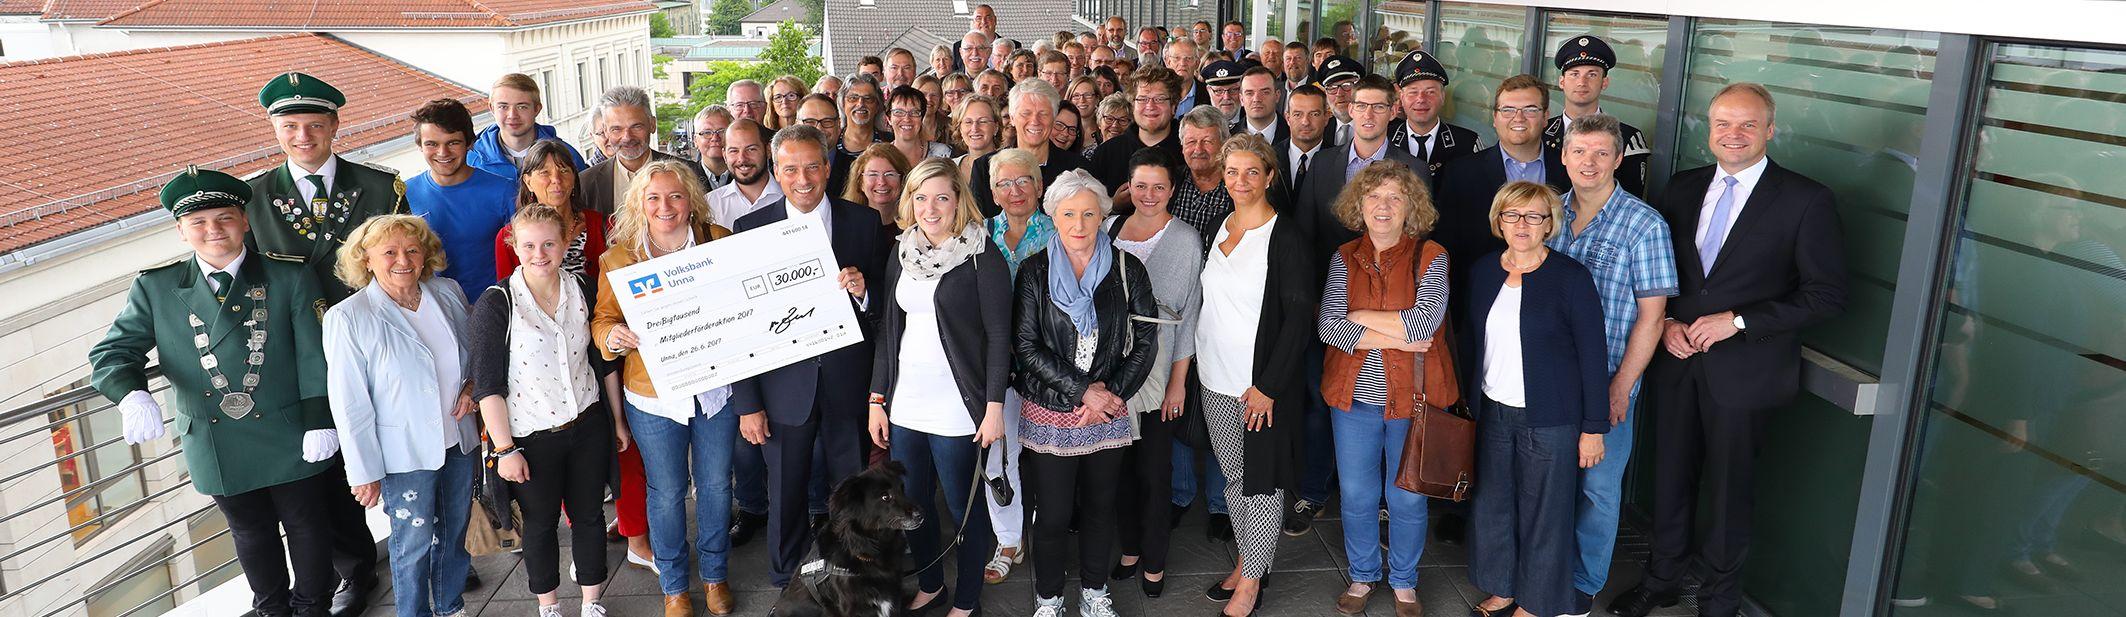 Spendenübergaben der Mitglieder-Förderaktion 2017 in Unna